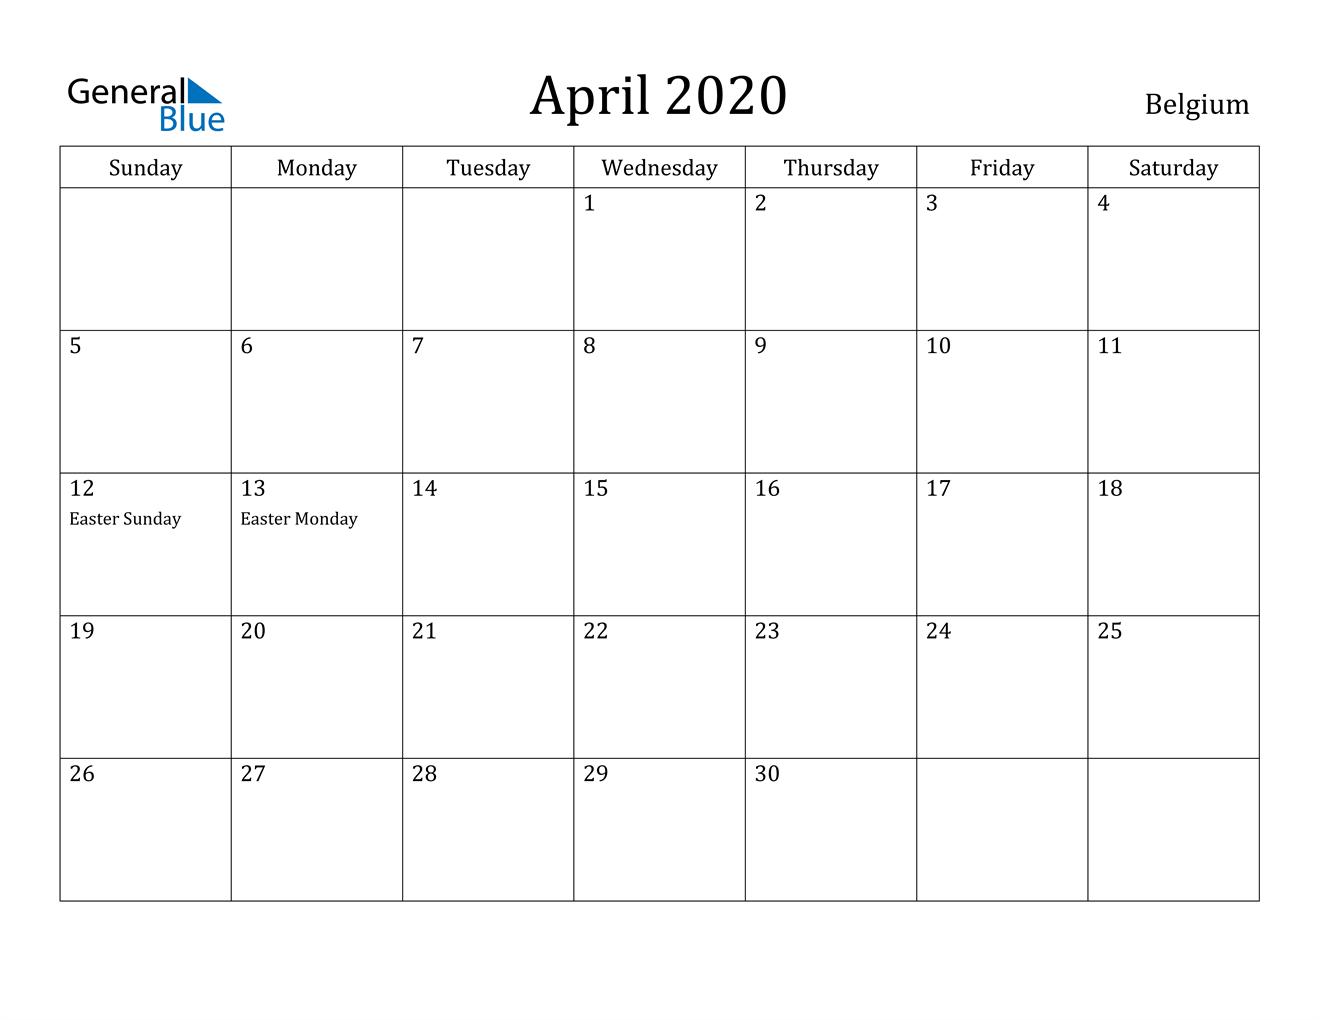 Image of April 2020 Belgium Calendar with Holidays Calendar